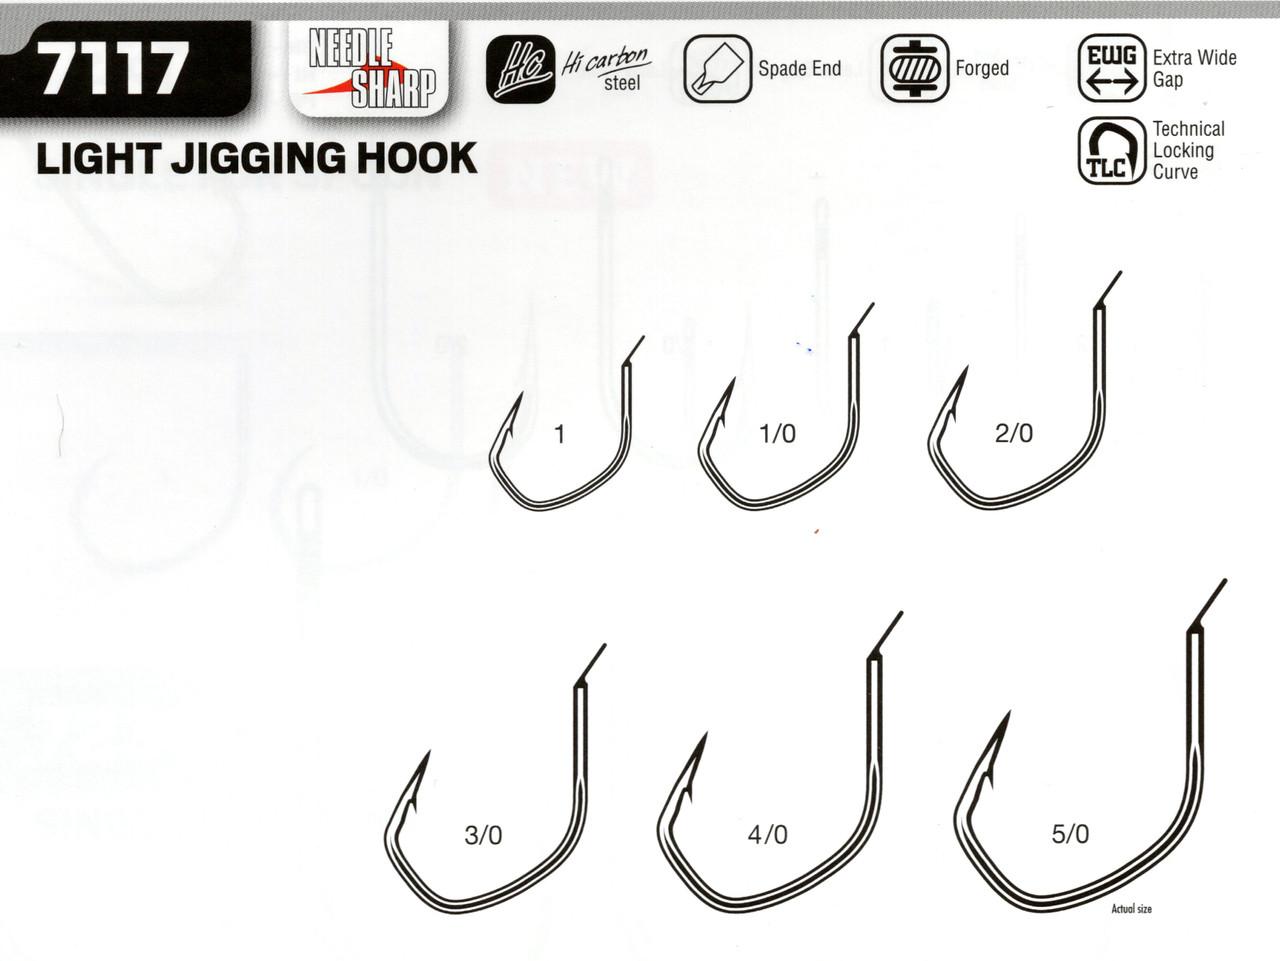 VMC Light Slow Jigging Hooks (bare not rigged)